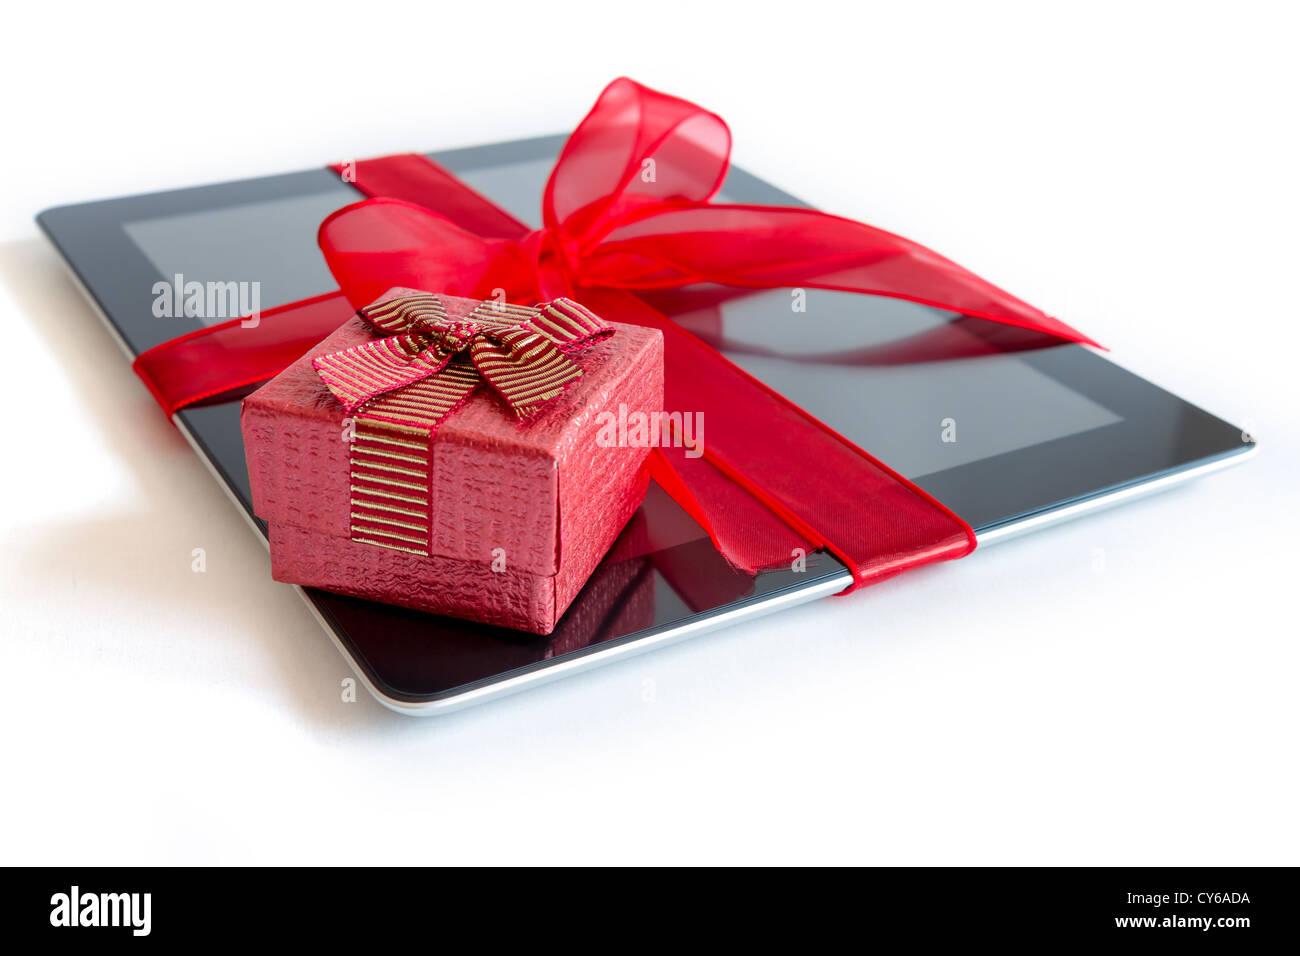 Tableta digital con una cinta roja don aislado en blanco. Imagen De Stock